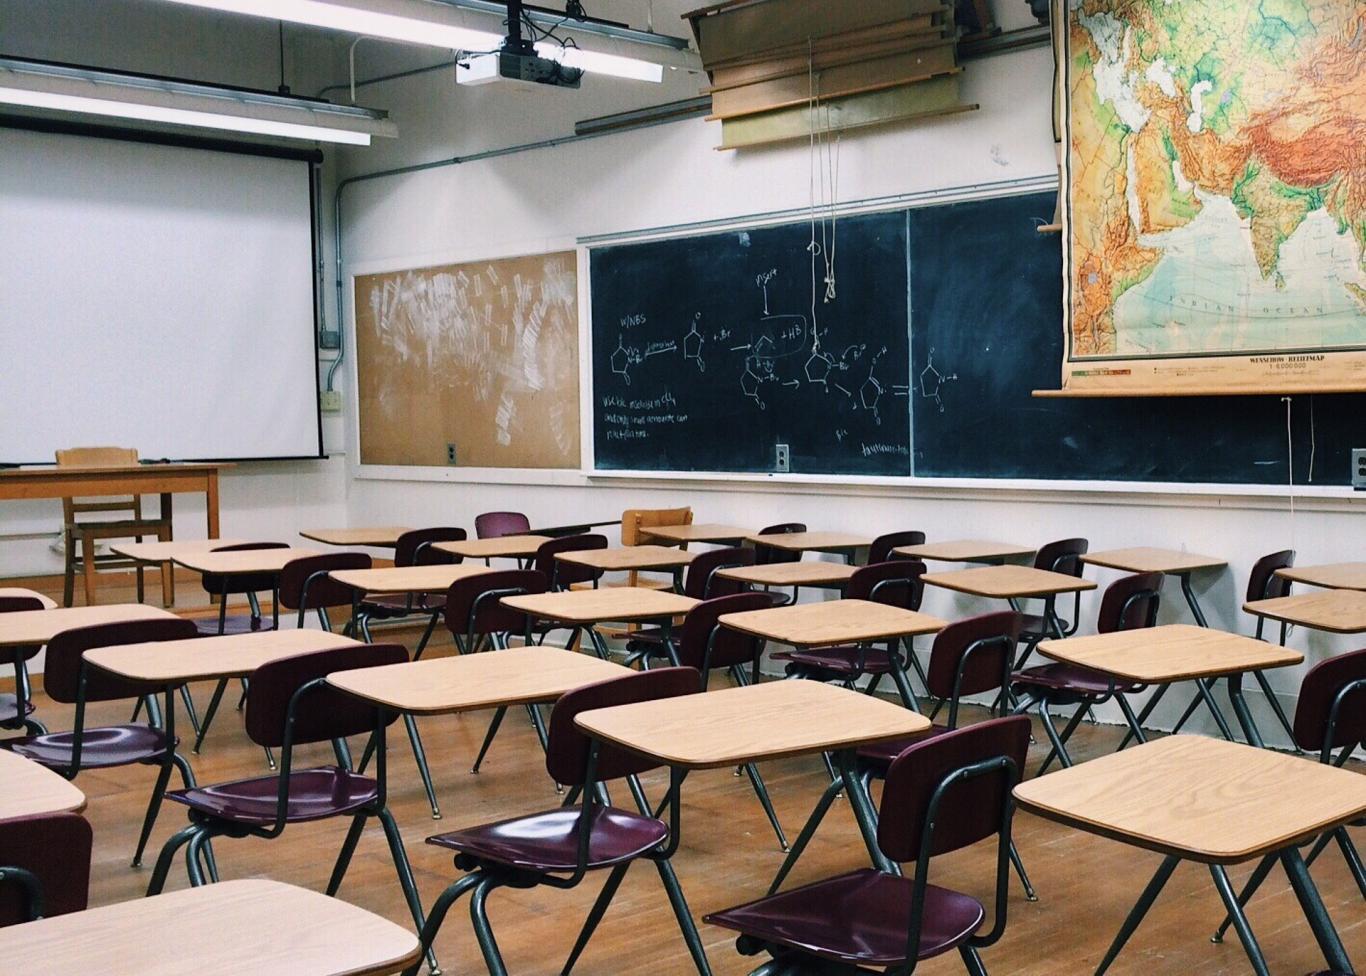 Aula de un centro docente